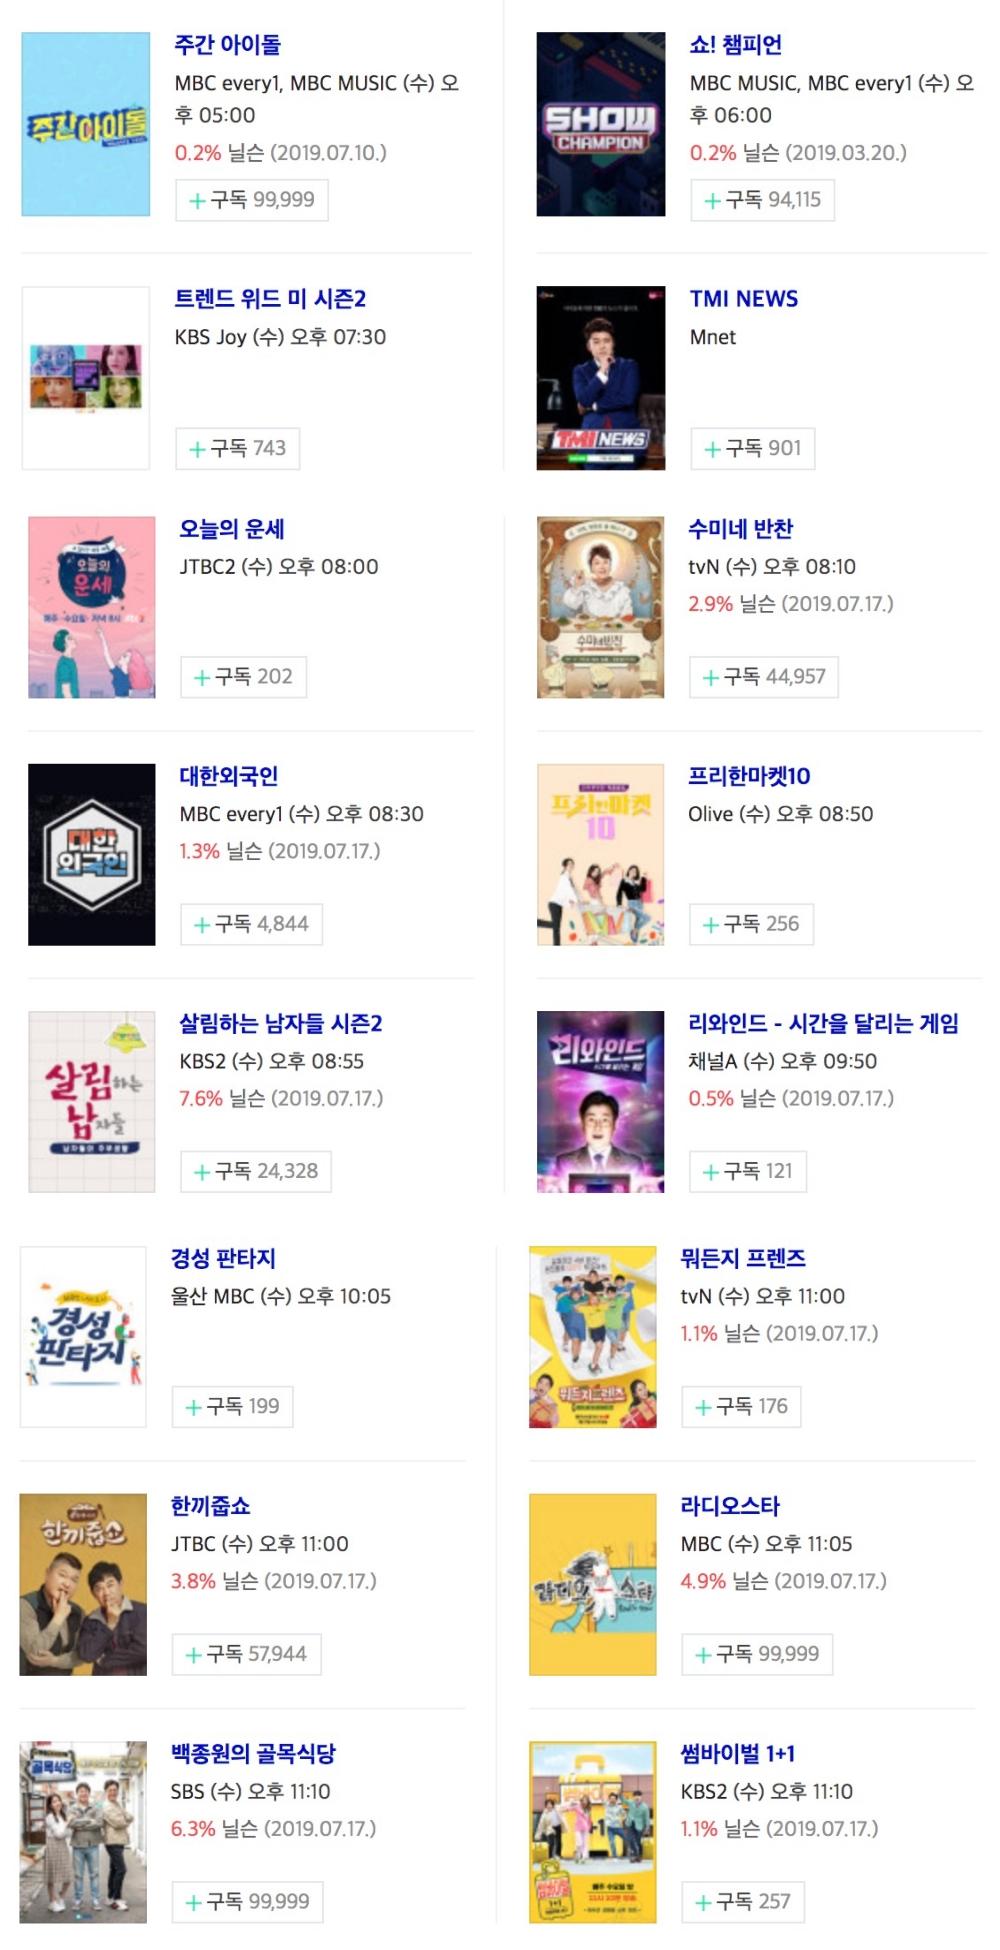 [수요일 예능] 24일 오후 주요 예능 프로그램 편성표-지난주 시청률 순위는?